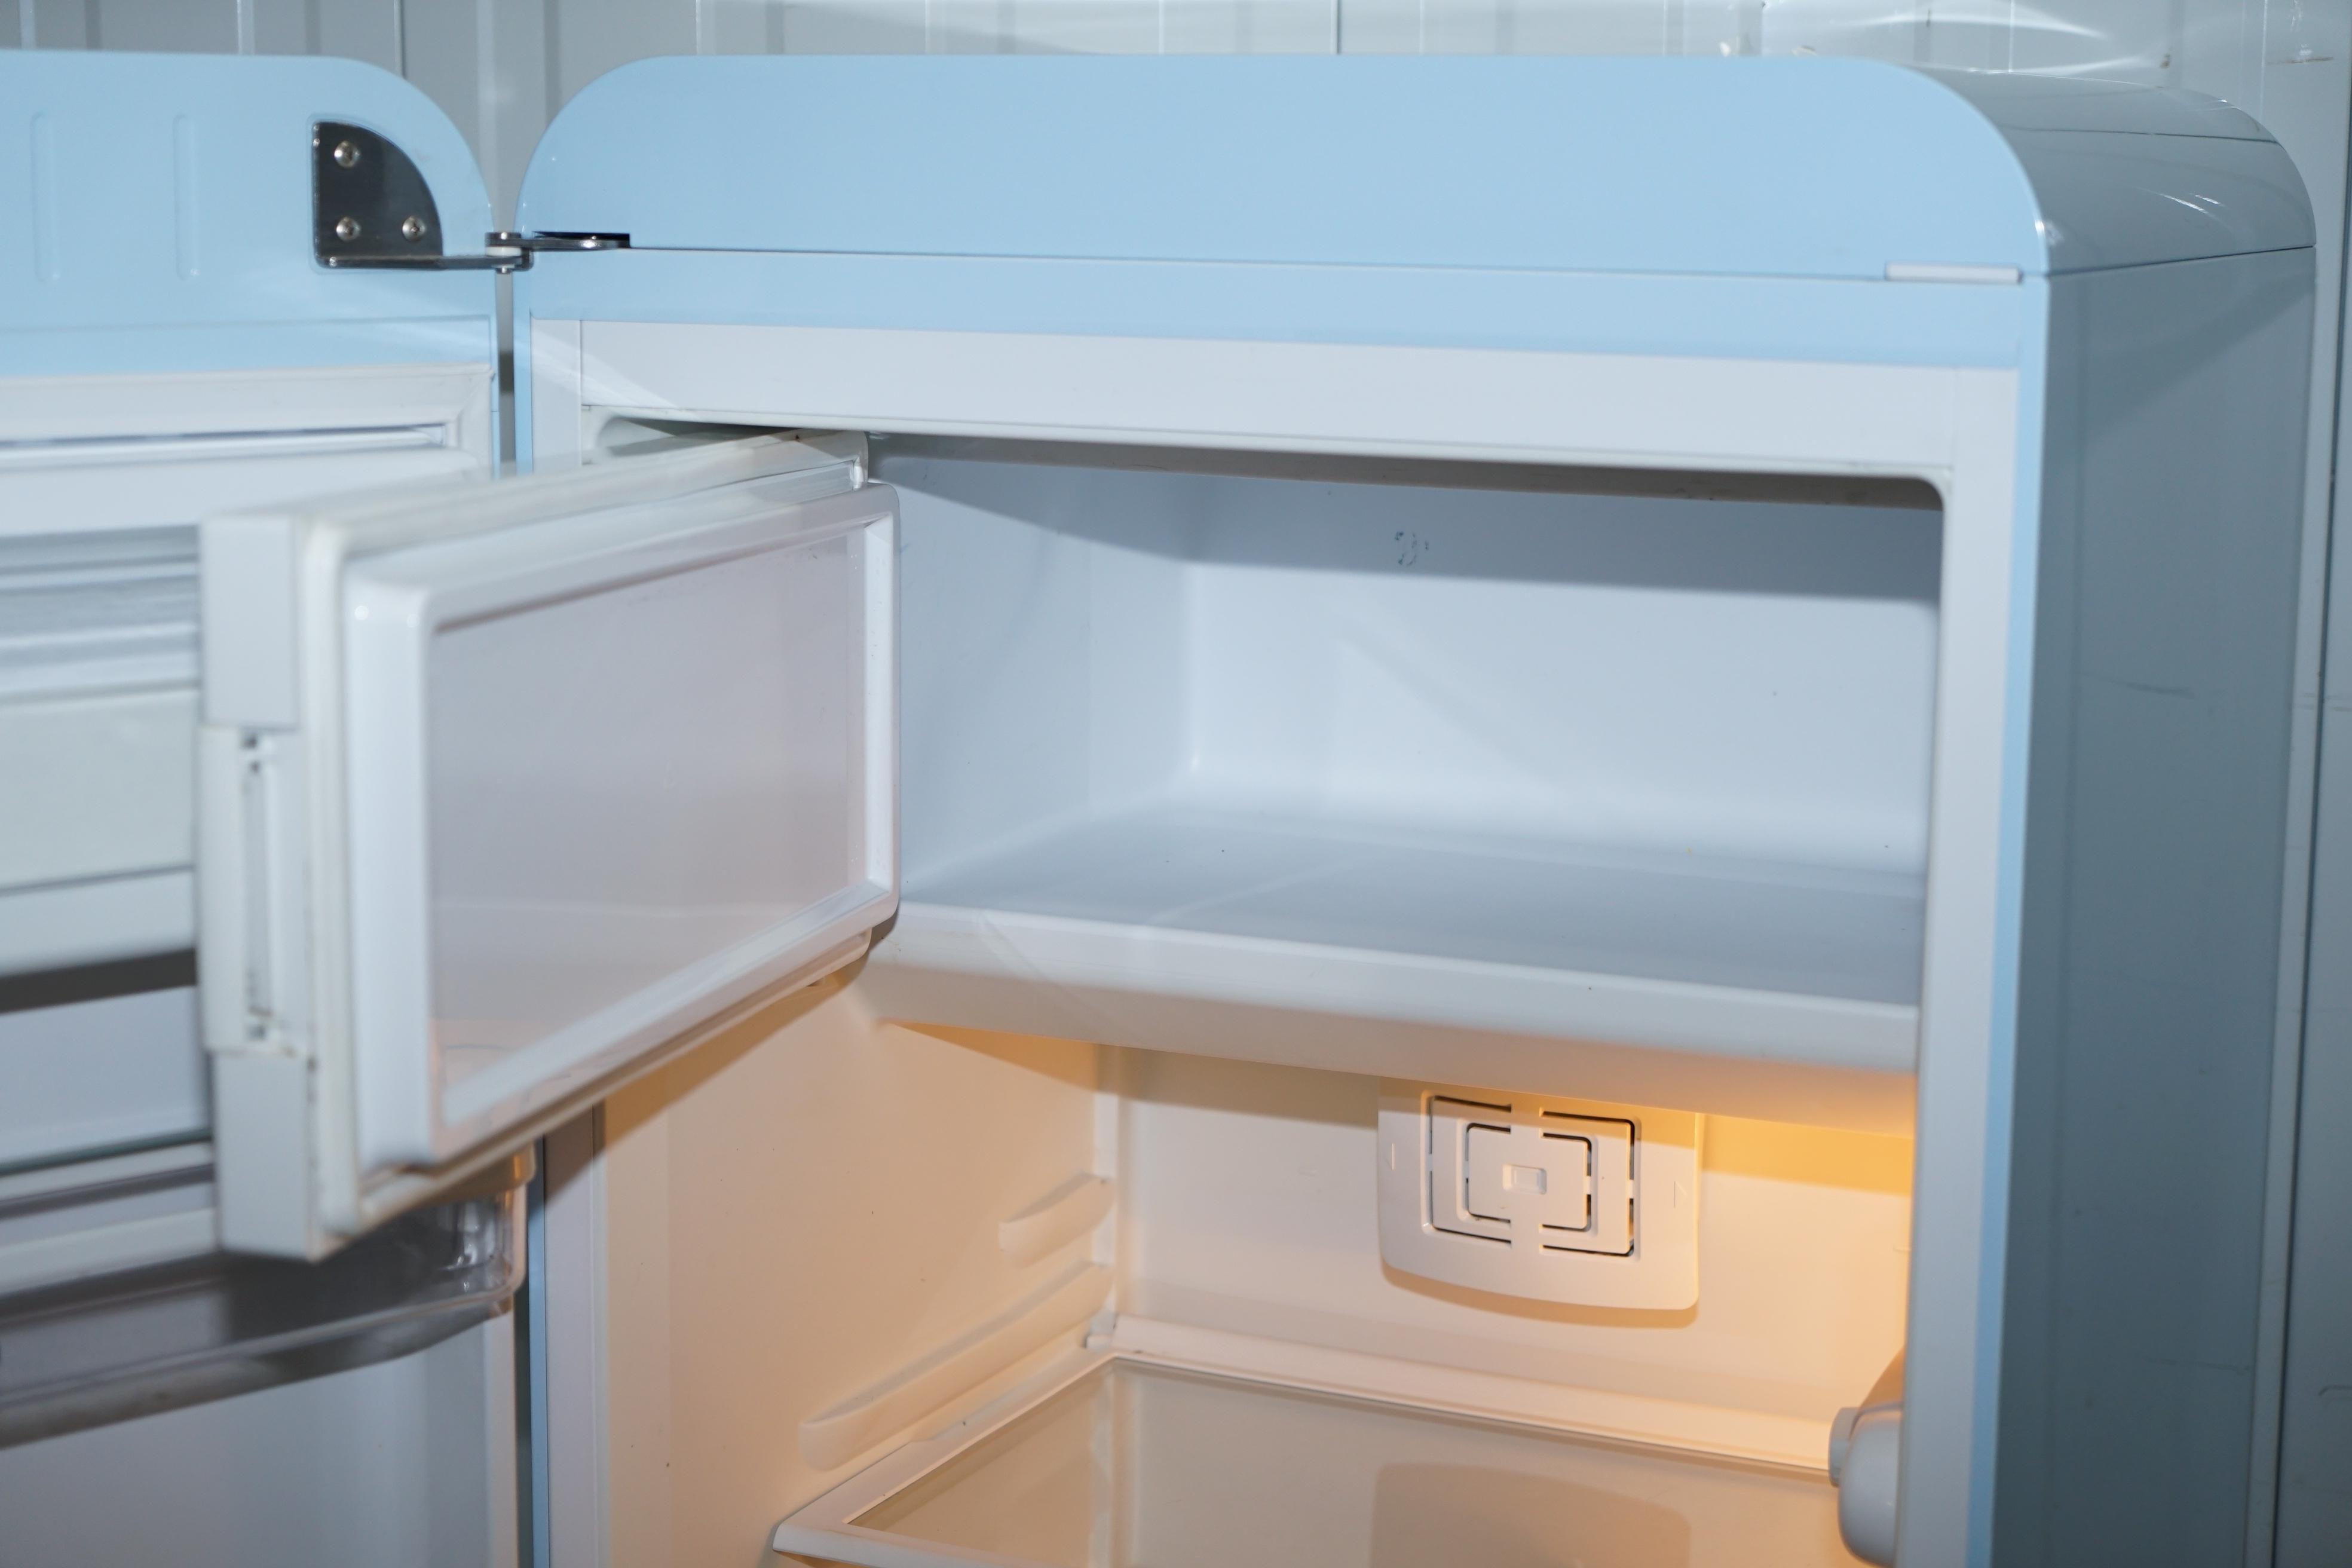 Smeg Kühlschrank Ohne Gefrierfach : Smeg pastellblauer fab l kühlschrank mit gefrierfach klassisch